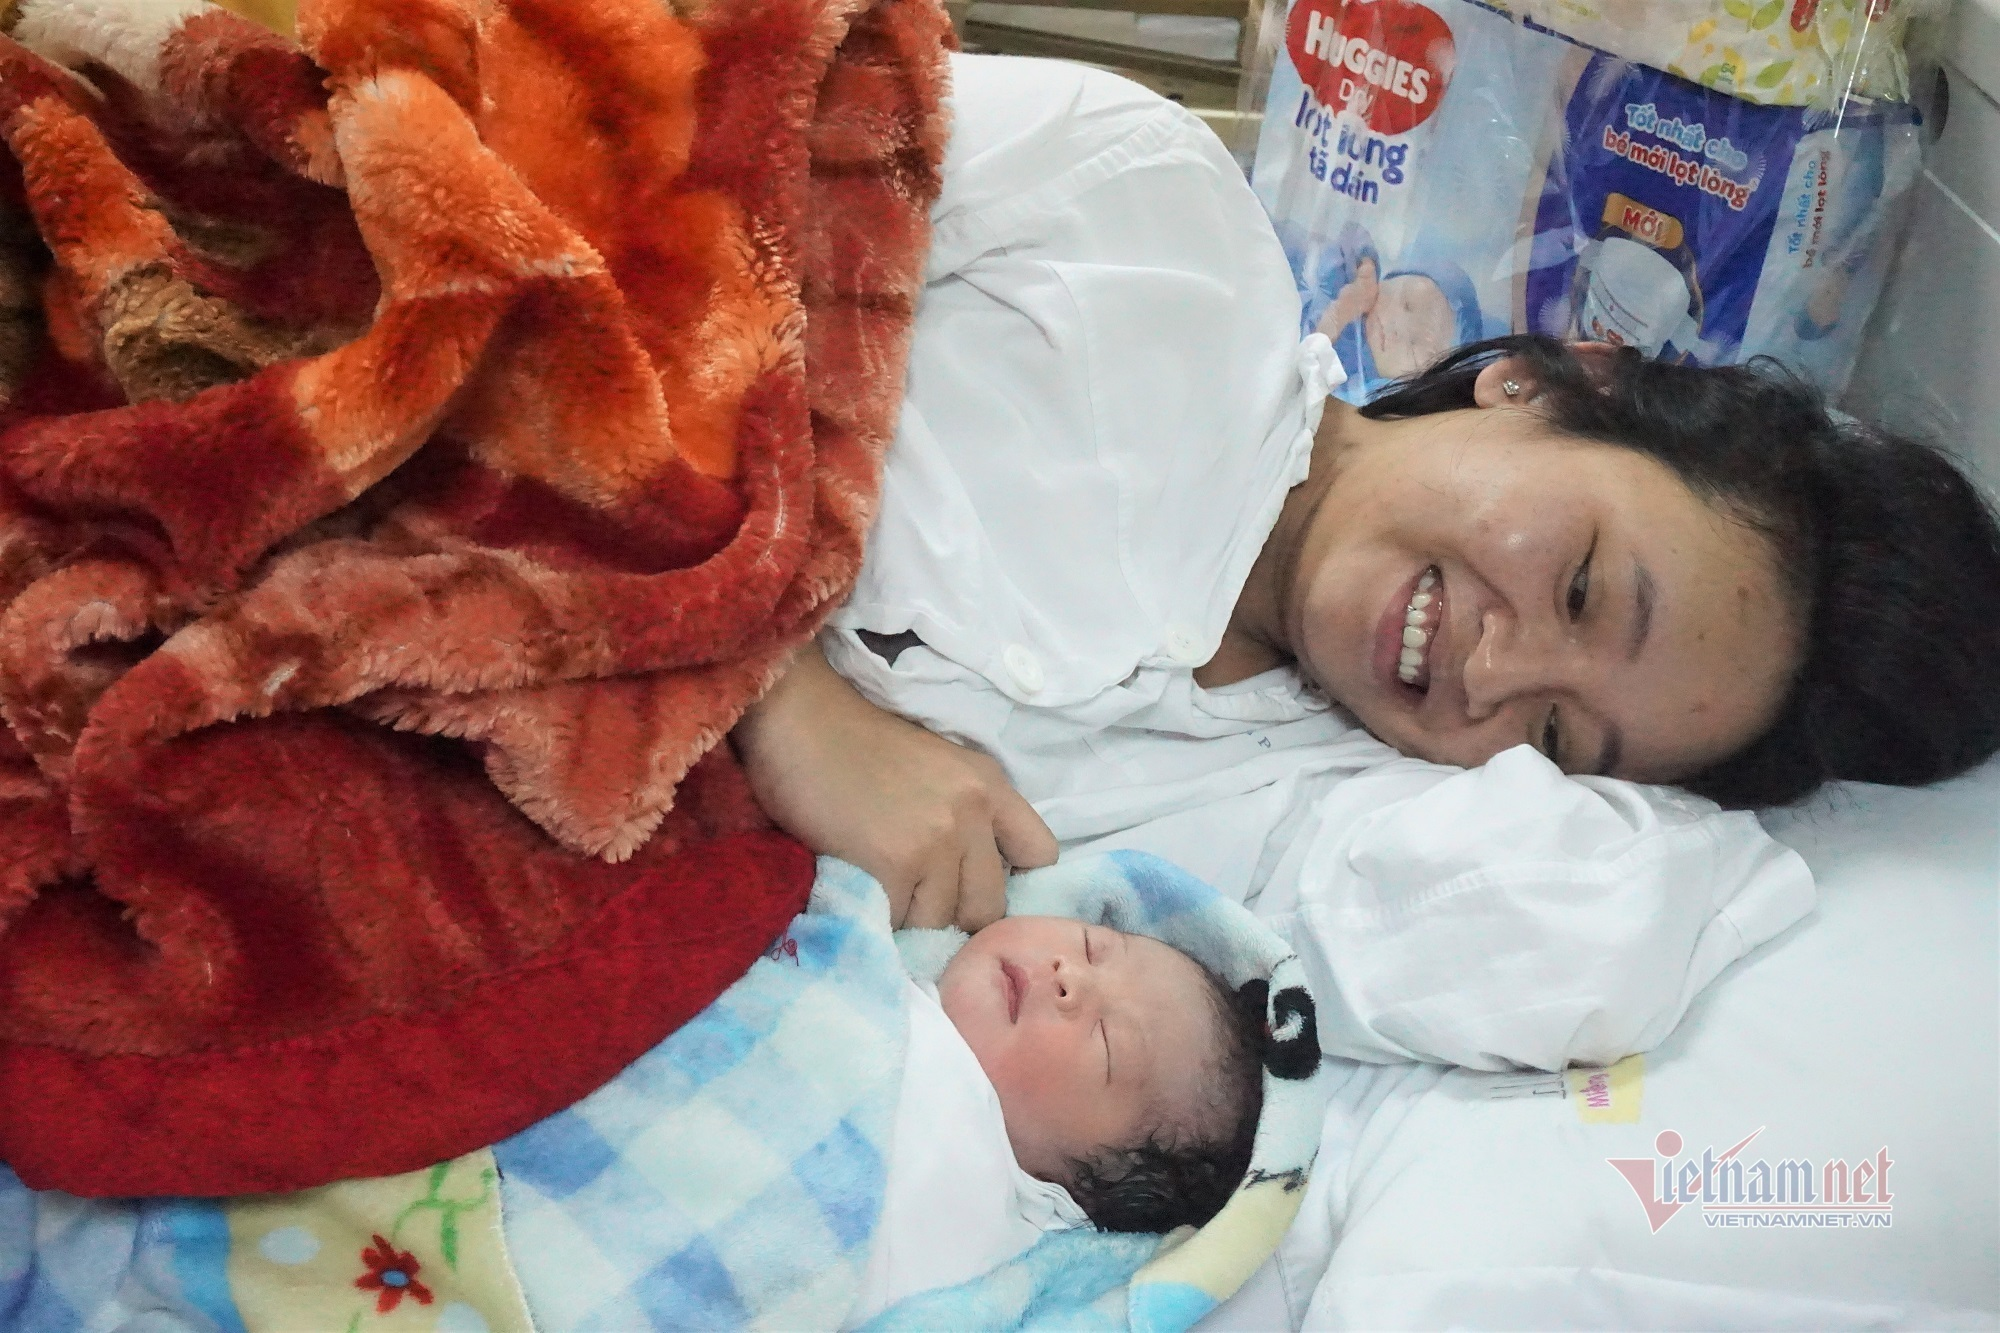 Những công dân nhí Việt đầu tiên chào đời ngay thời khắc giao thừa 2021 - Ảnh 2